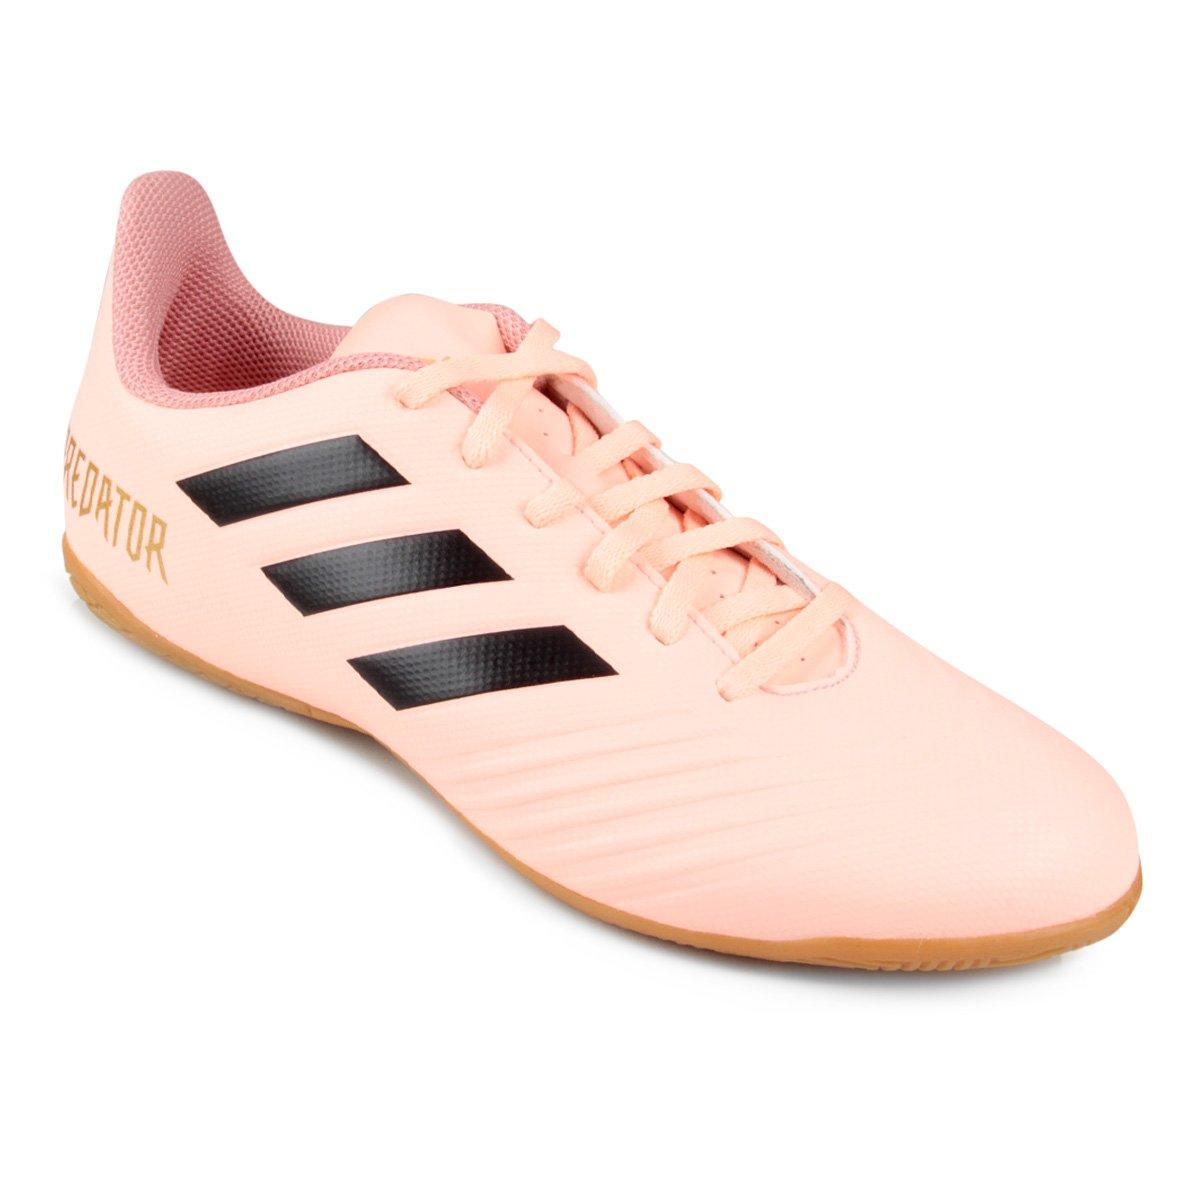 8ce9632ec Chuteira Futsal Adidas Predator Tan 18 4 IN - Rosa e Preto - Compre Agora